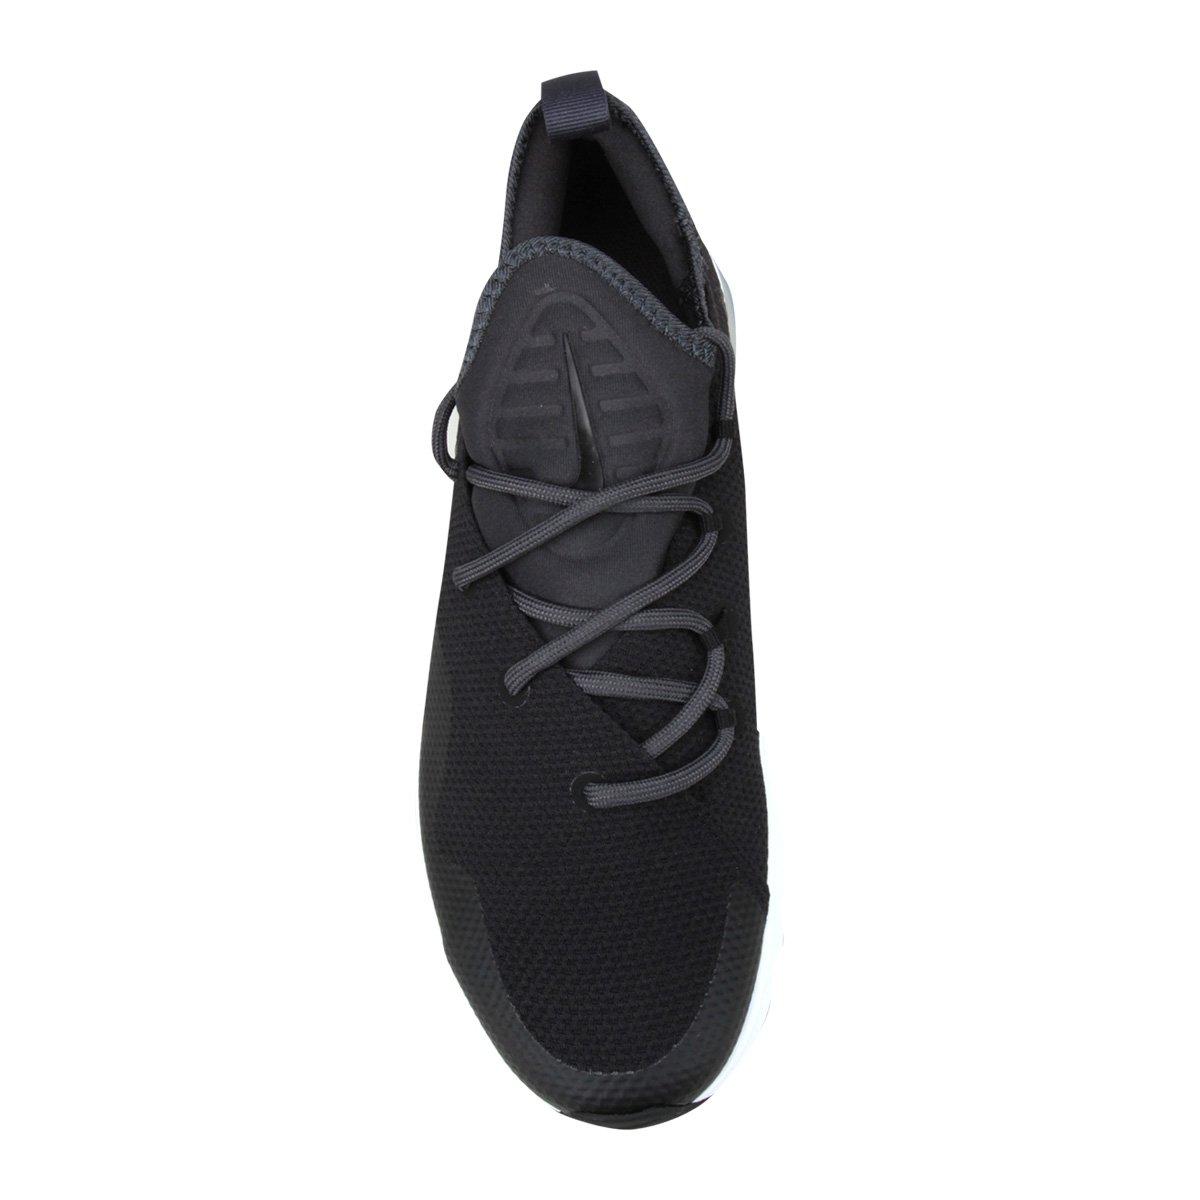 Tênis Nike Air Max Flair 50 Masculino - Preto - Compre Agora  f3f94f8b1eabc